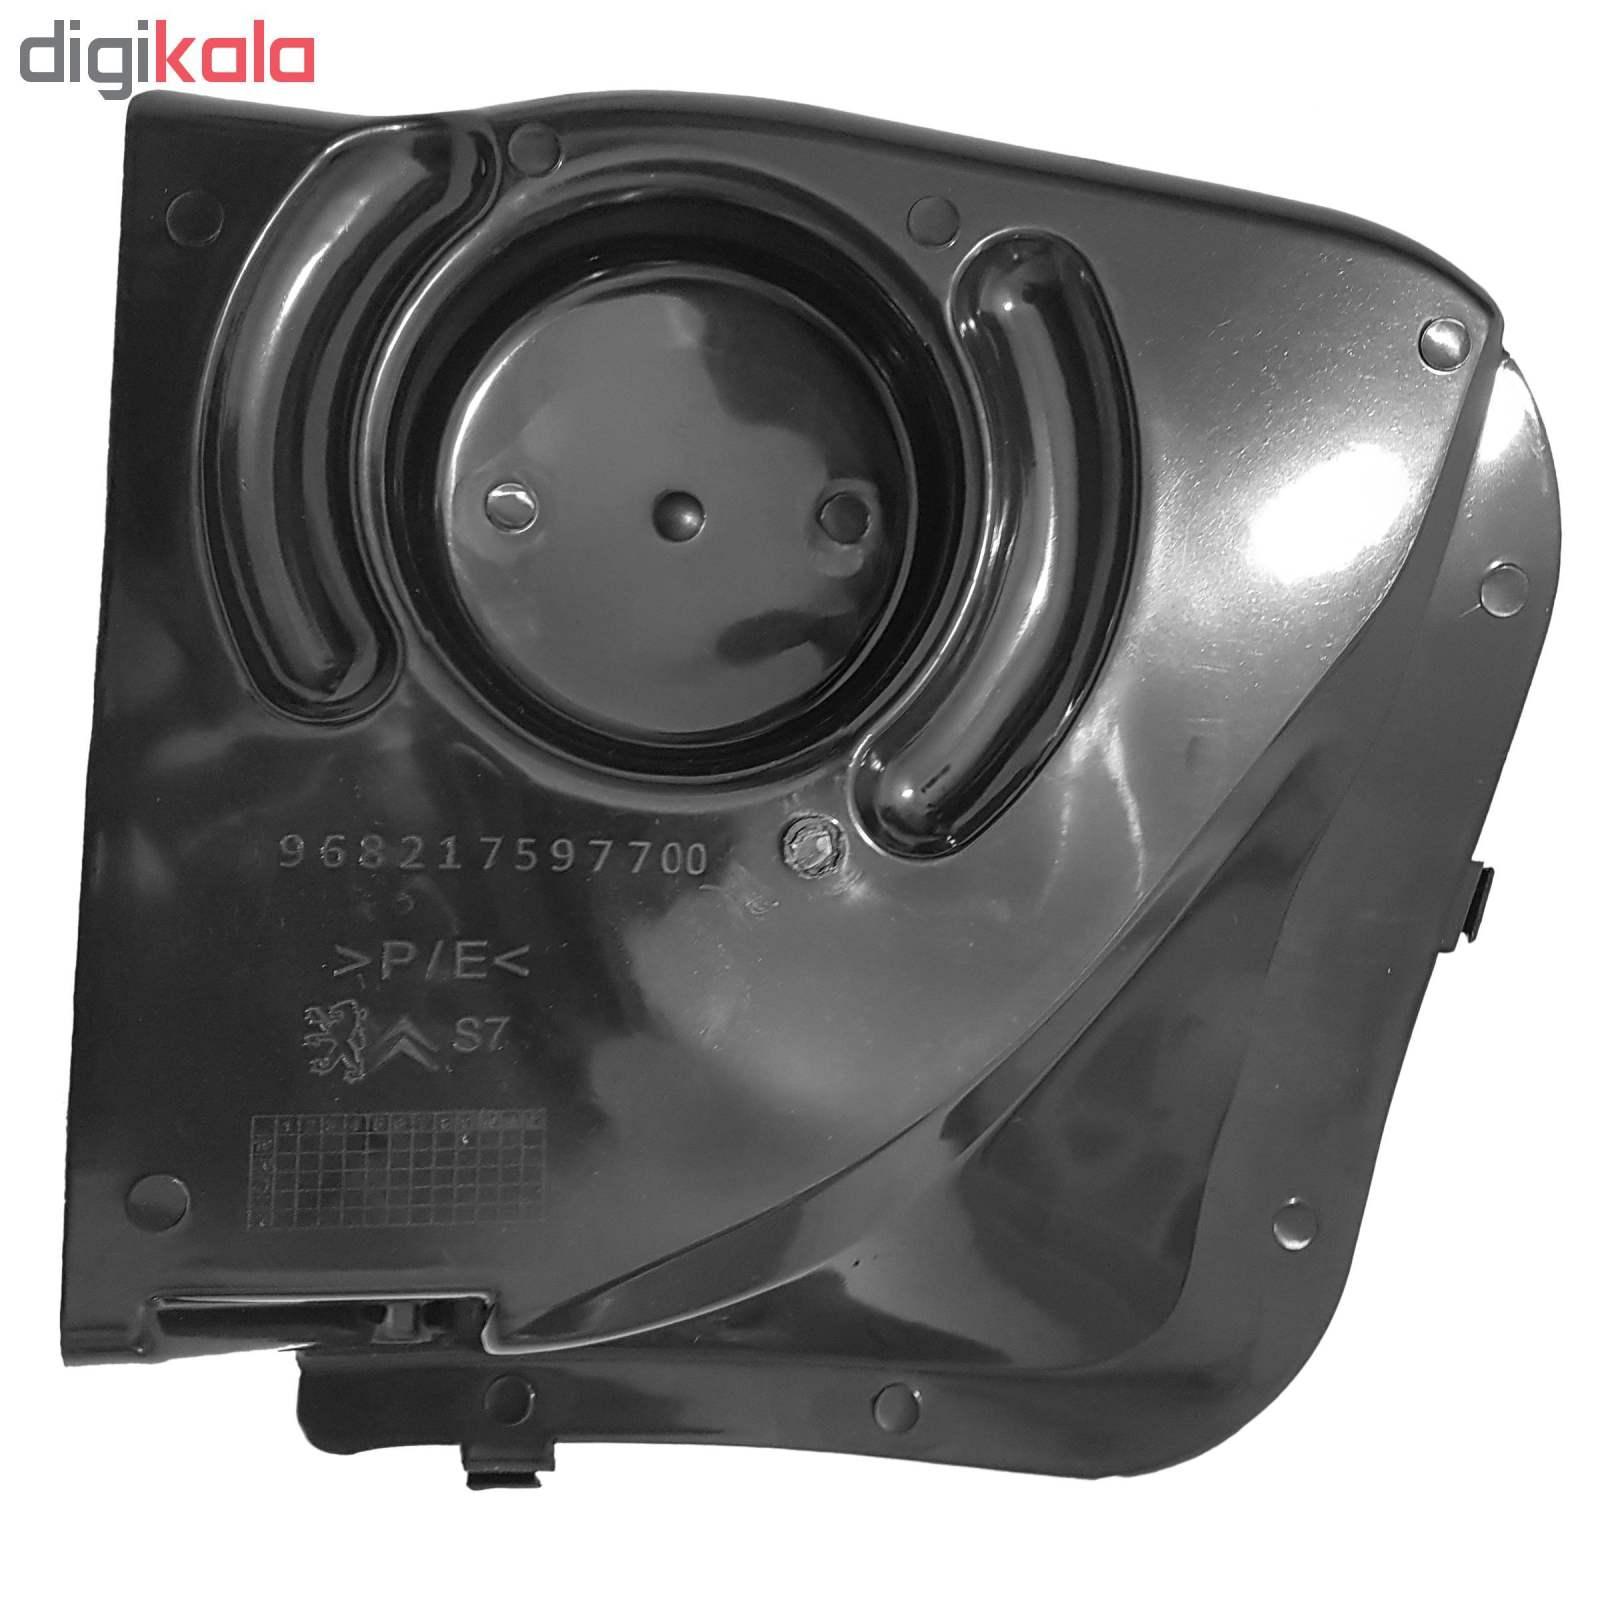 قاب روی کمک خودرو مدل S7 مناسب برای پژو 206 main 1 2